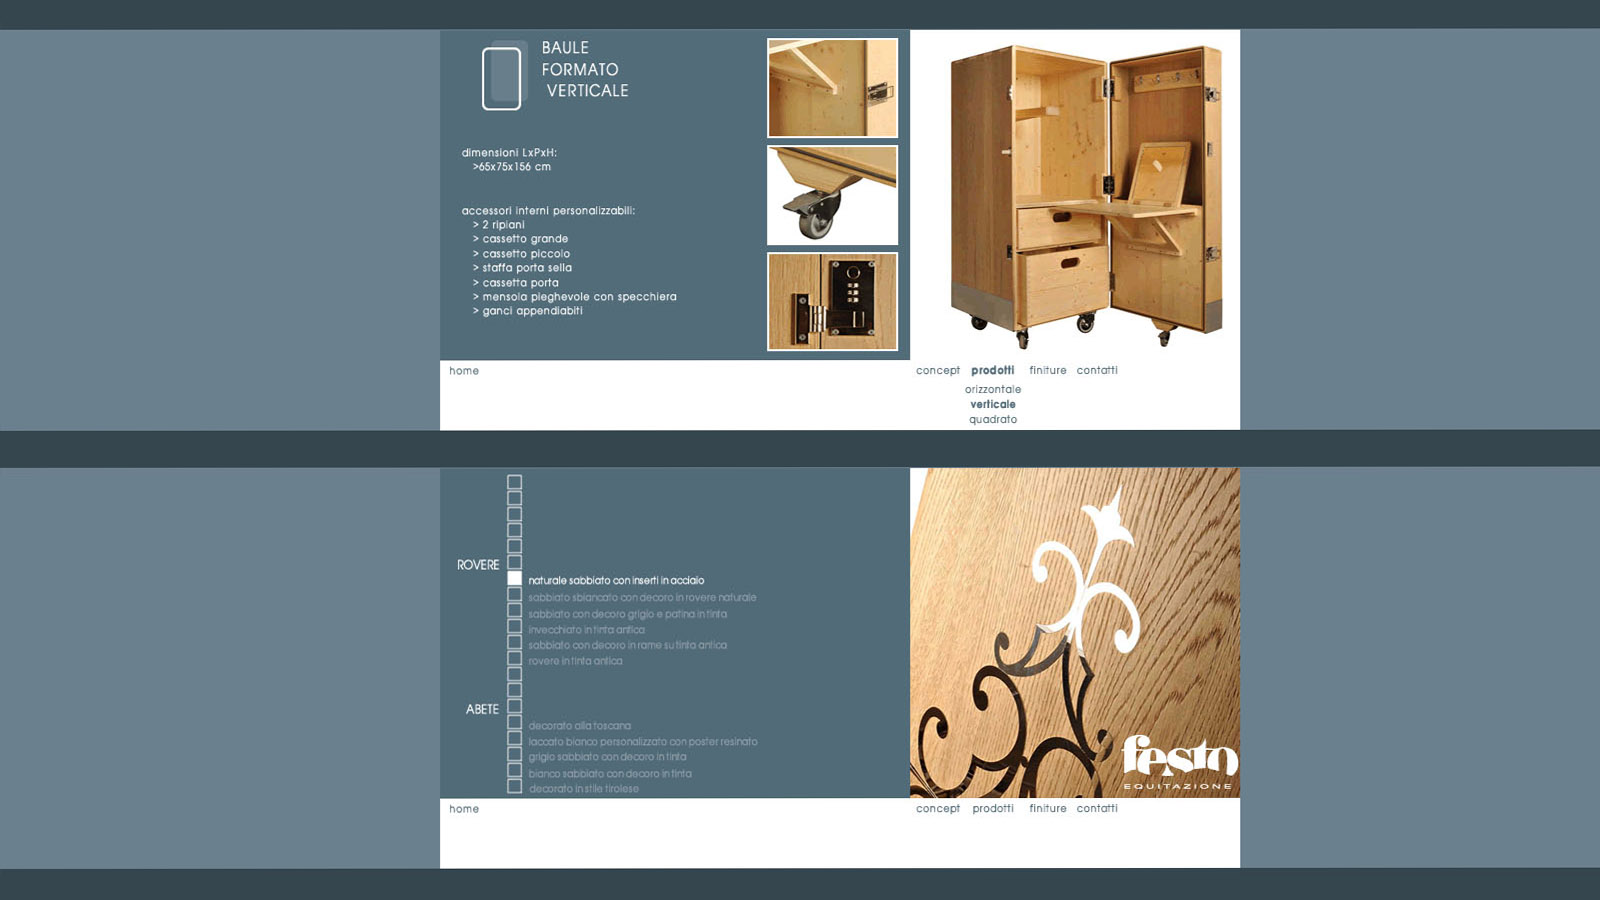 festo-sito-web-materiali